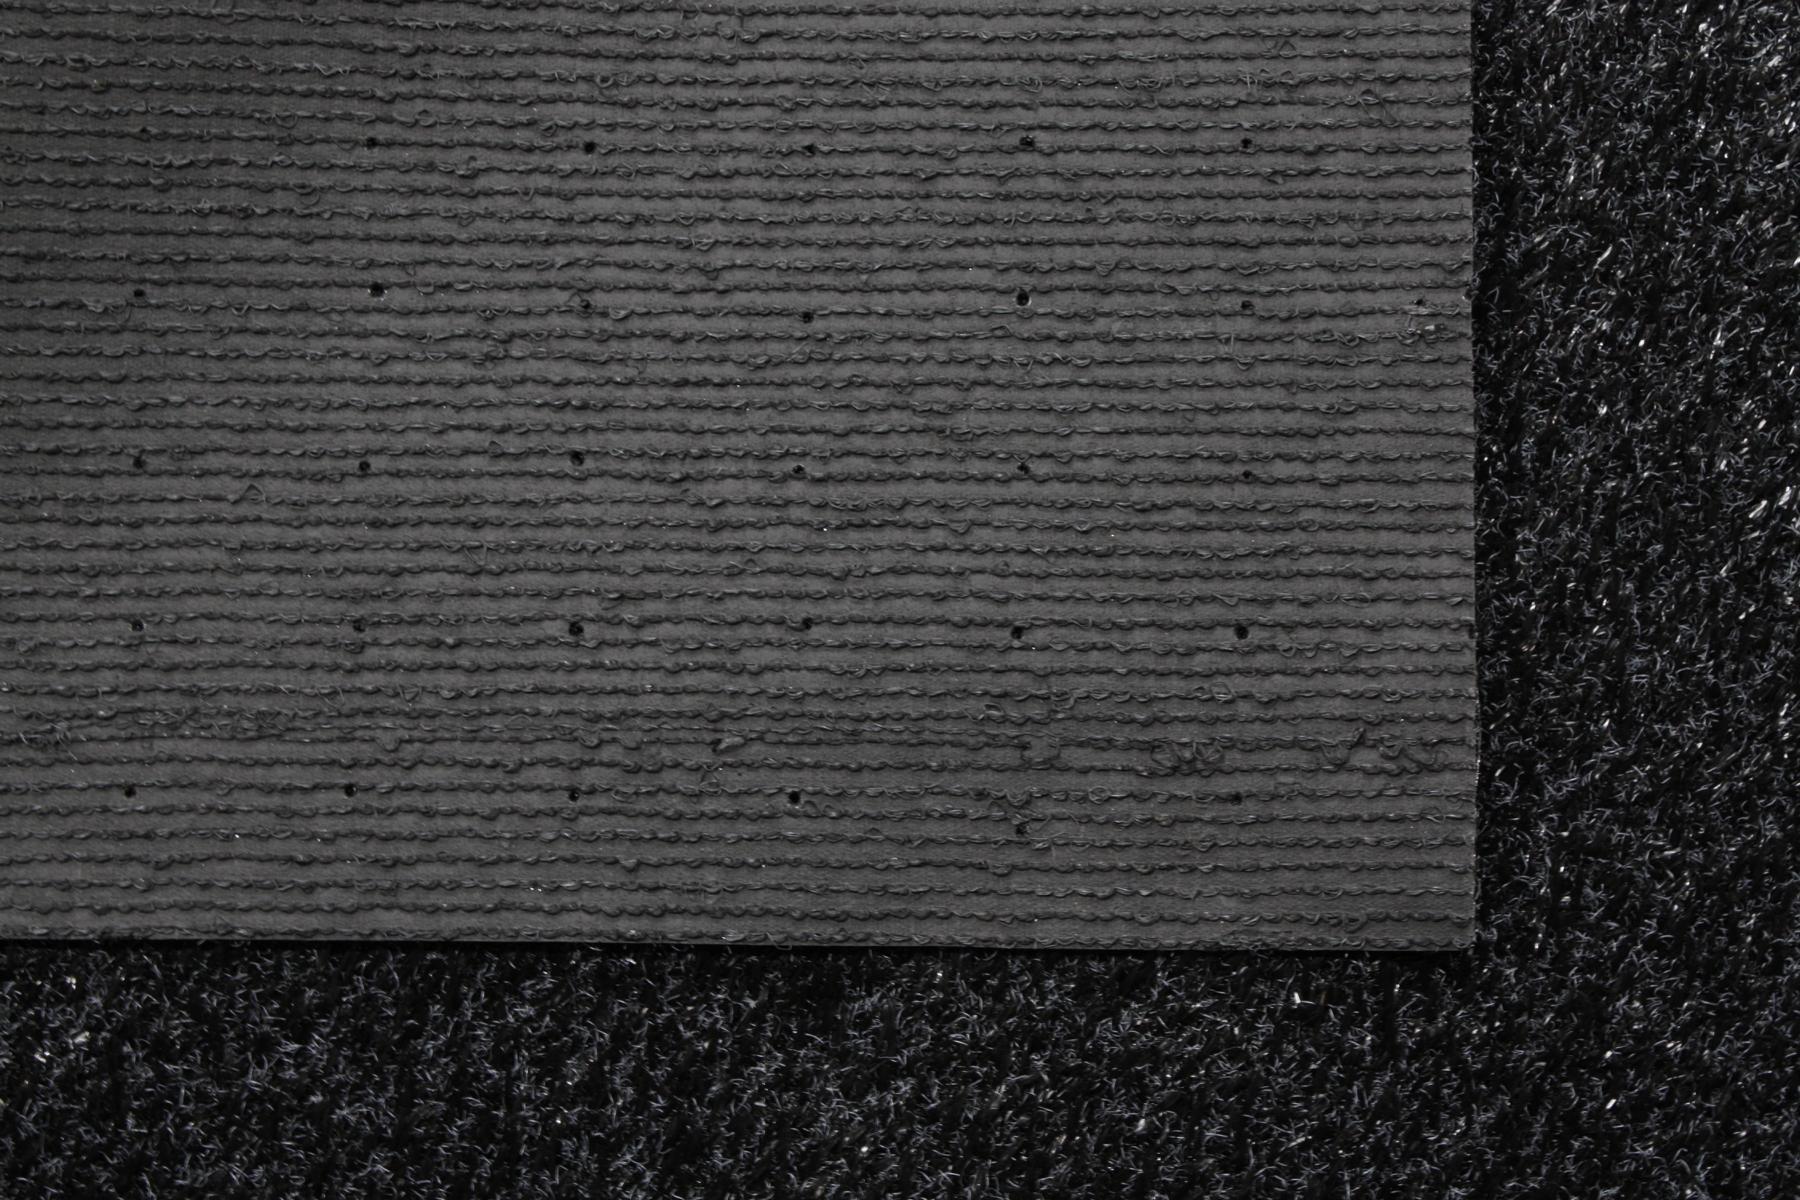 Rasenteppich Kunstrasen 15 mm Tuftrasen schwarz 200x700 cm